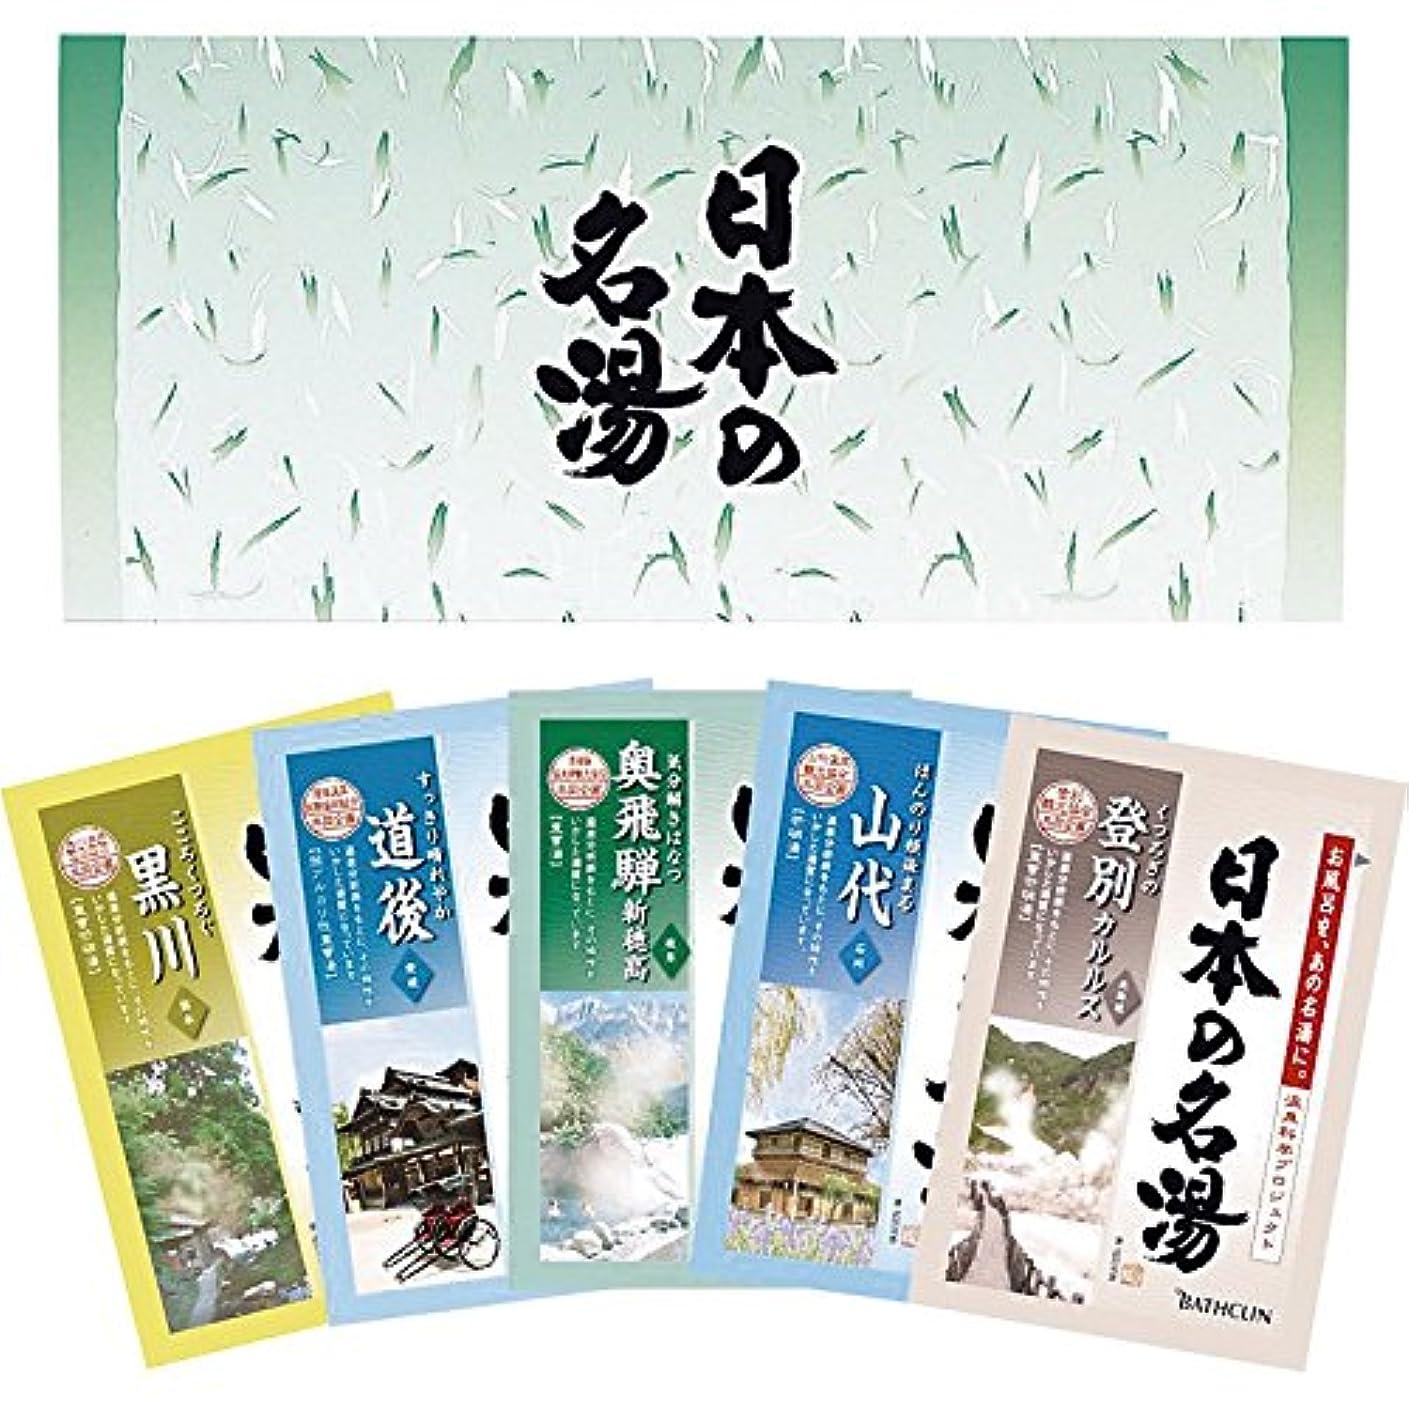 ネイティブ繁雑上にバスクリン 日本の名湯 5包セット OT-3D 【洗面所 入浴剤 温泉 薬用 5袋 リラックス おふろ バスグッズ】